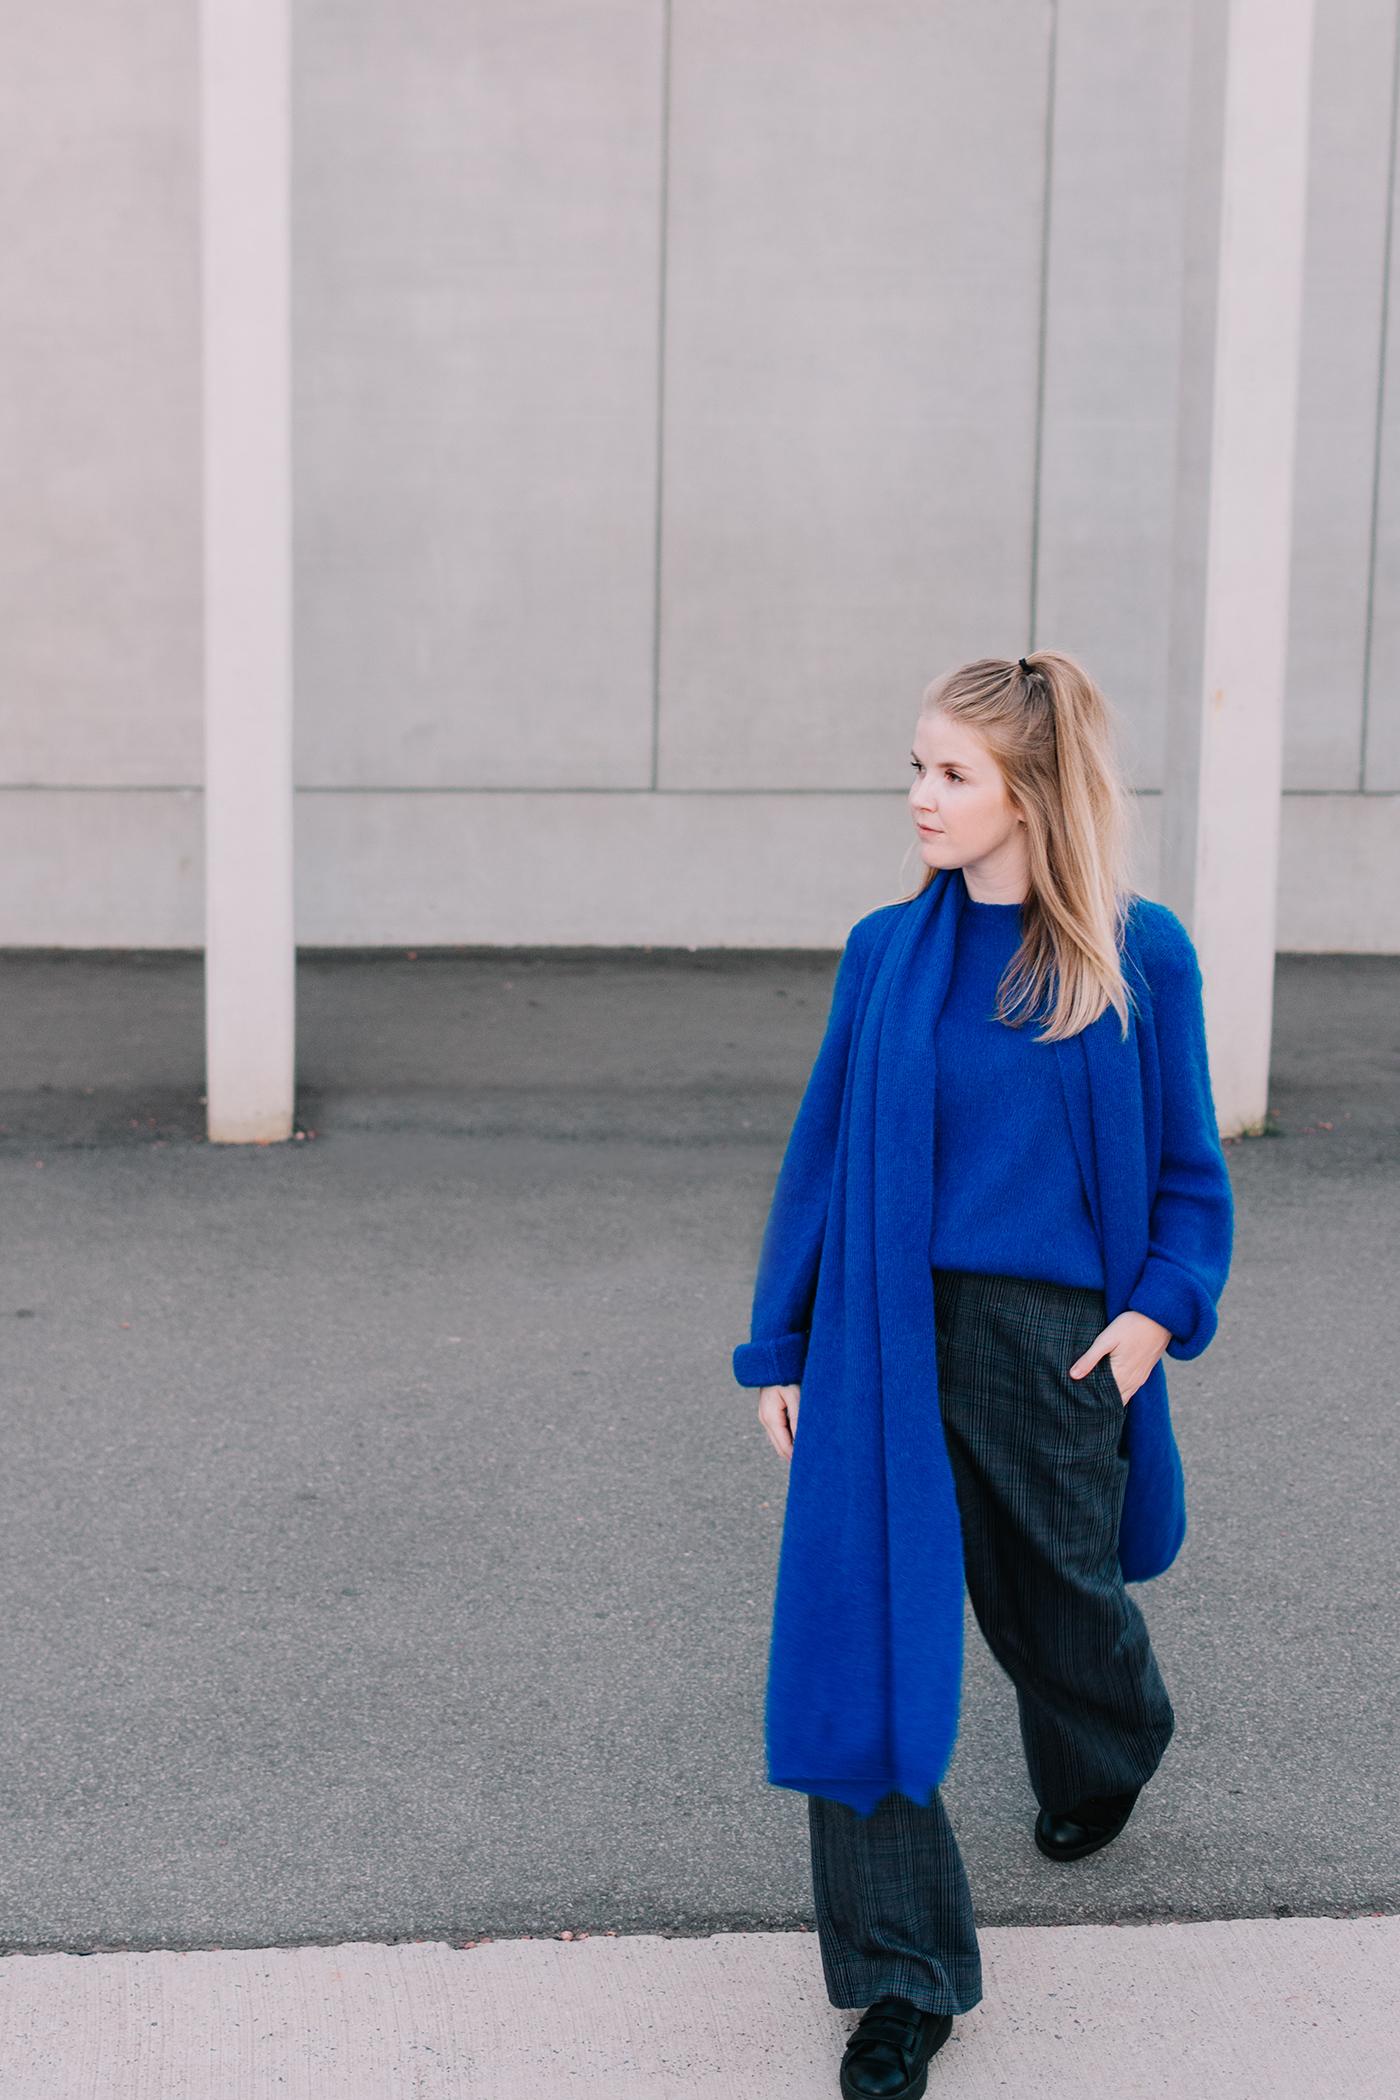 Nathalie Vleeschouwer - kobaltblauw